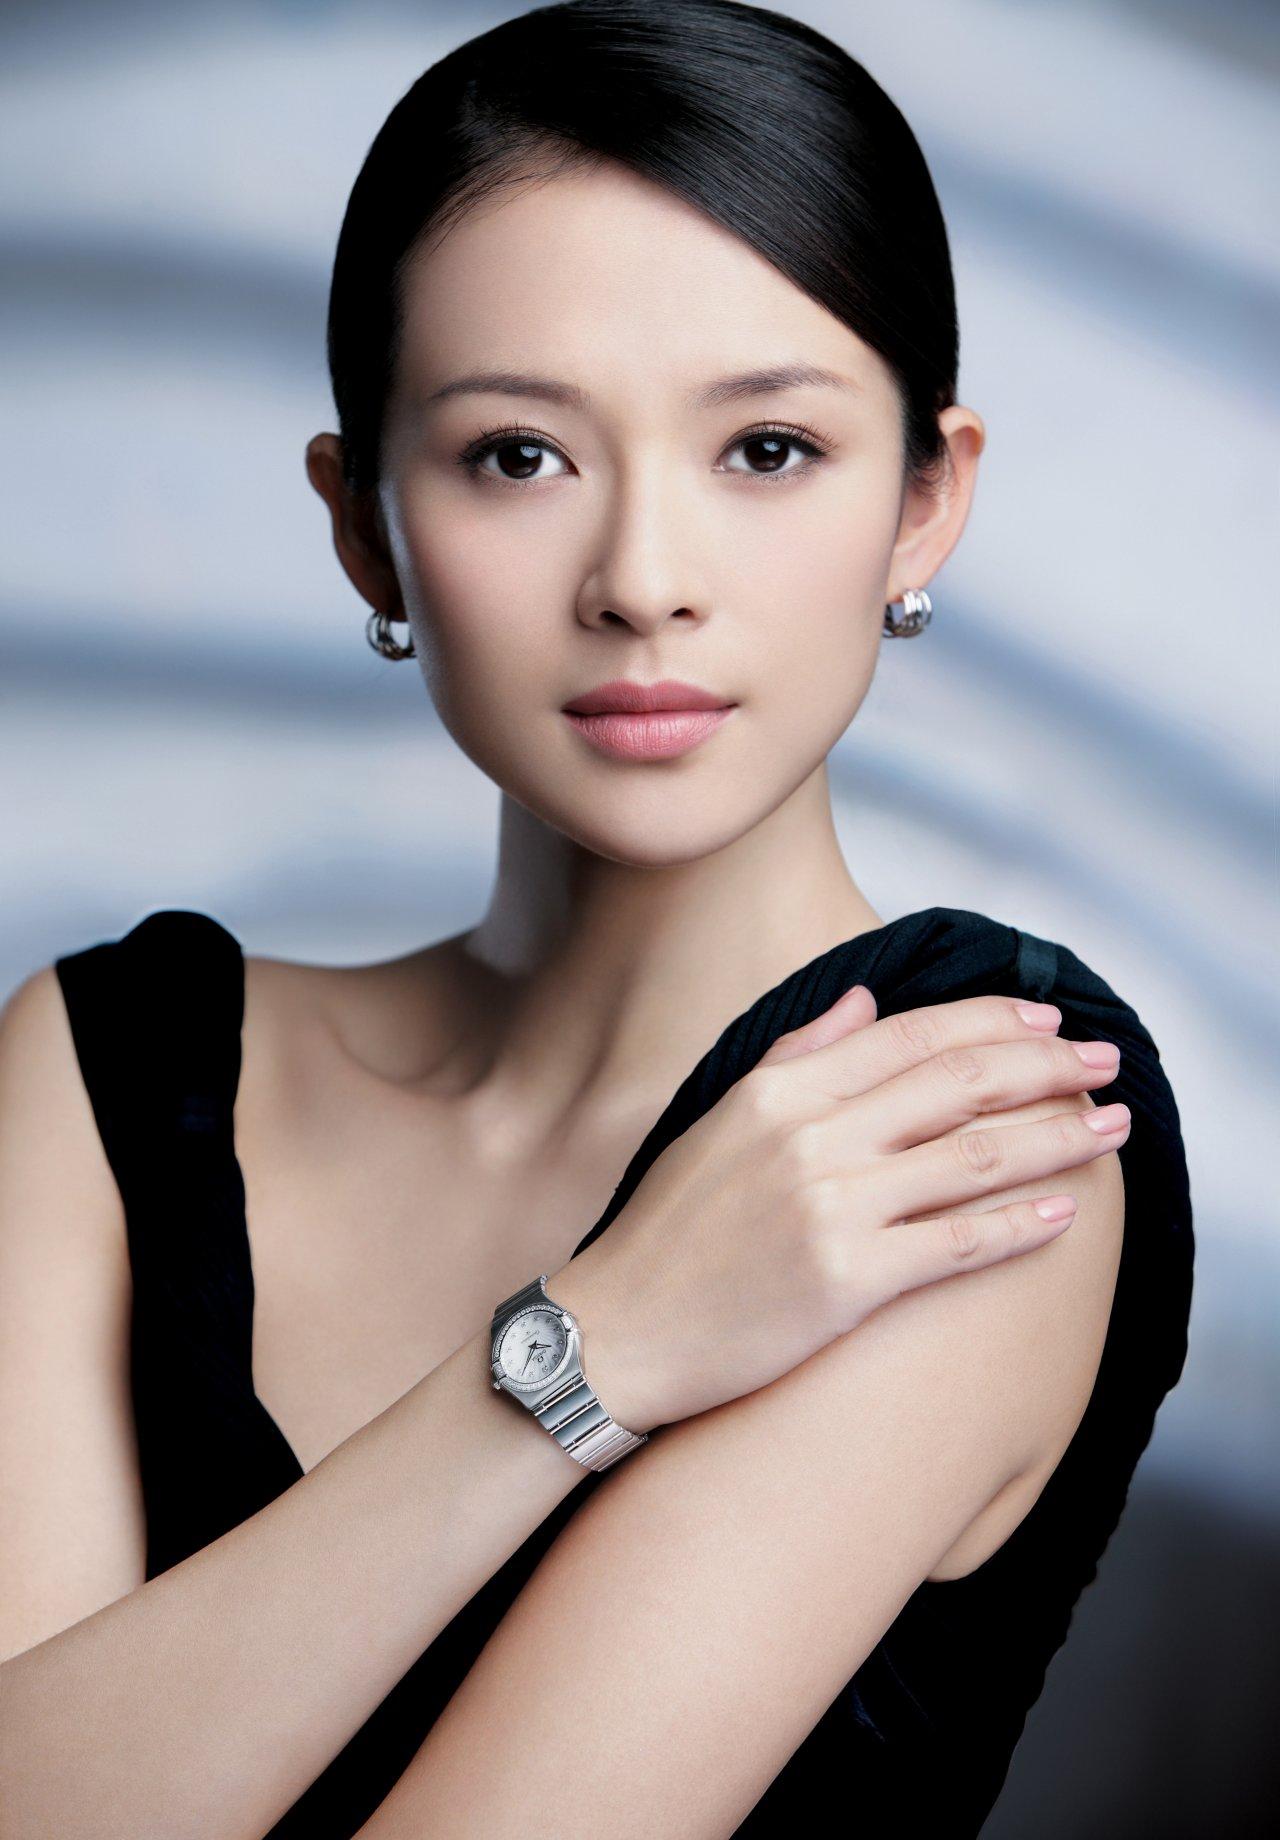 China girls movie sex viedoes hot